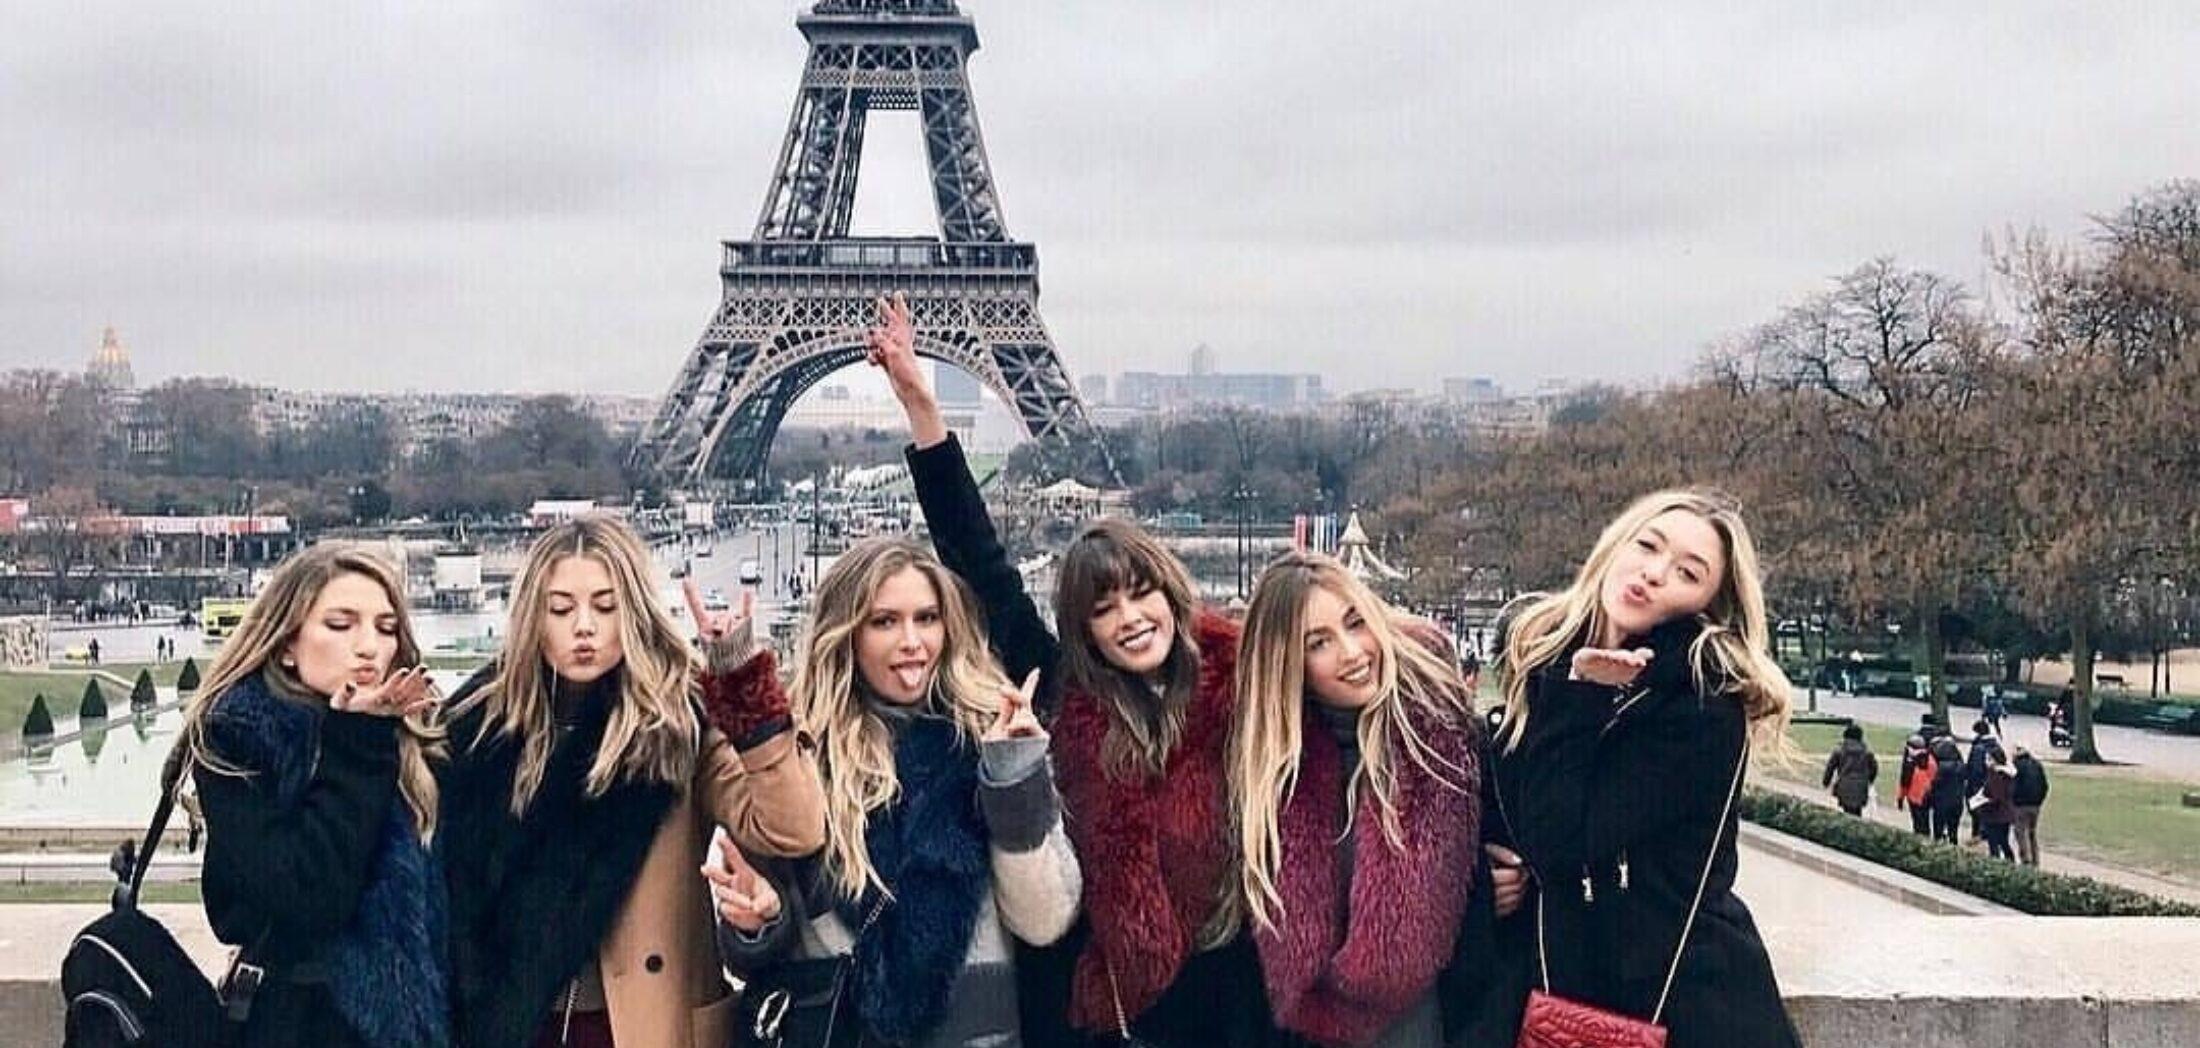 Hero image for Parijs event 3 dagen: vriendinnen & teamgenoten (dames) 4/20 personen